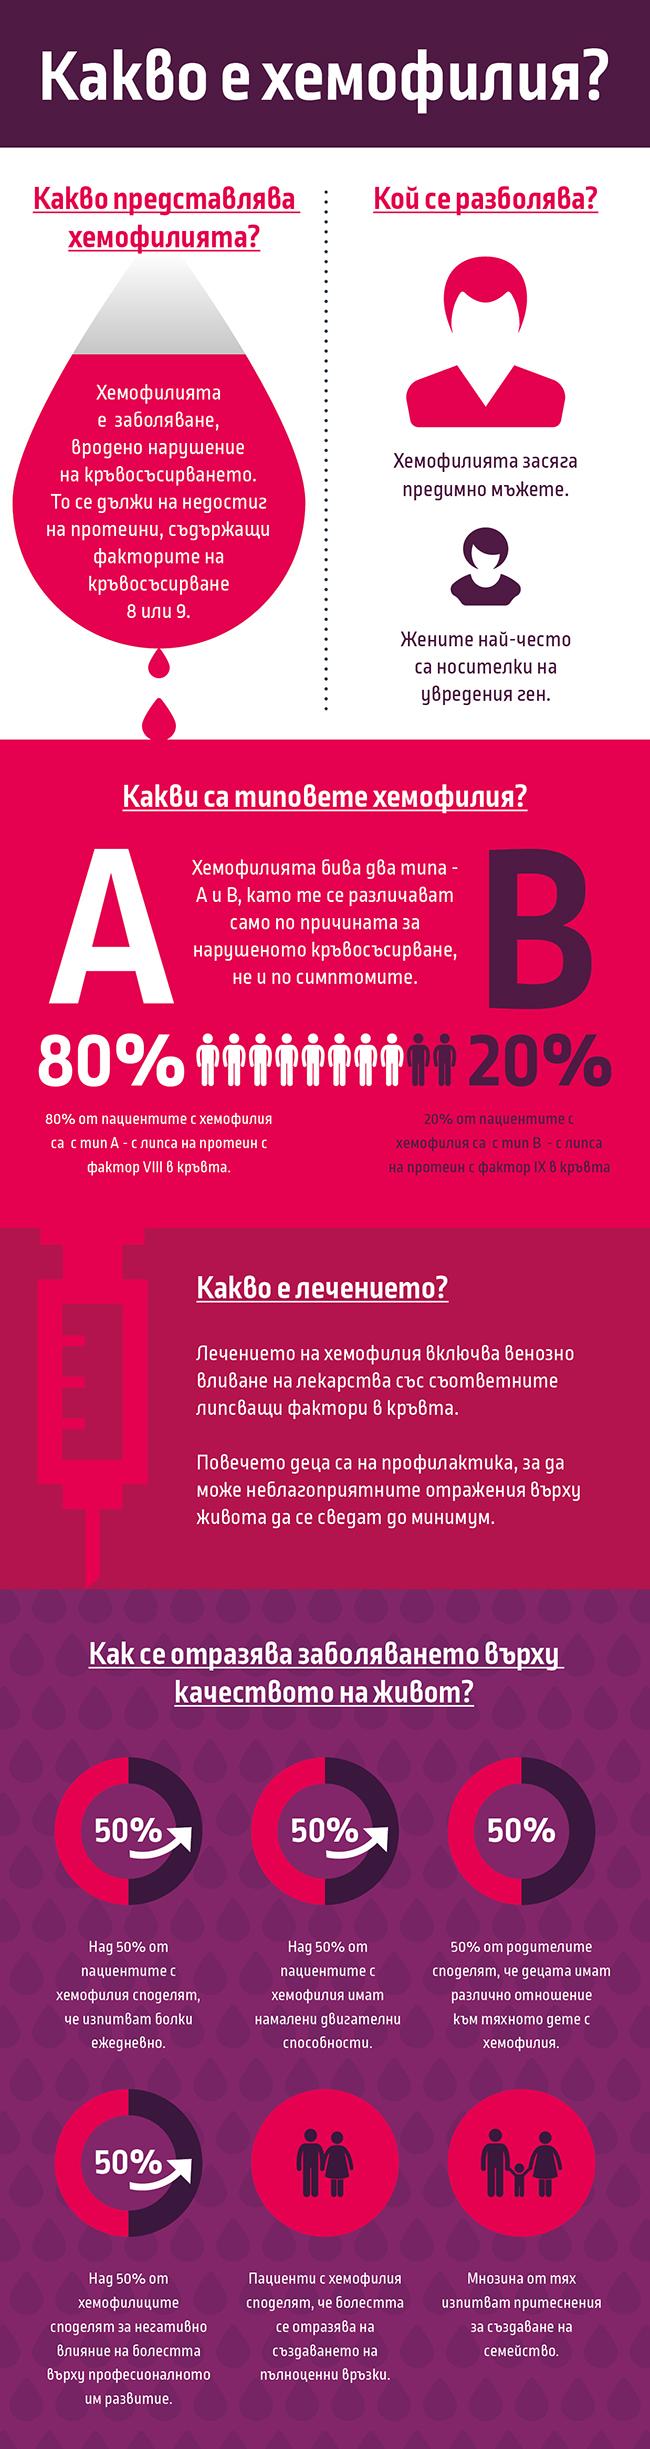 01-Haemophilia-Infographic